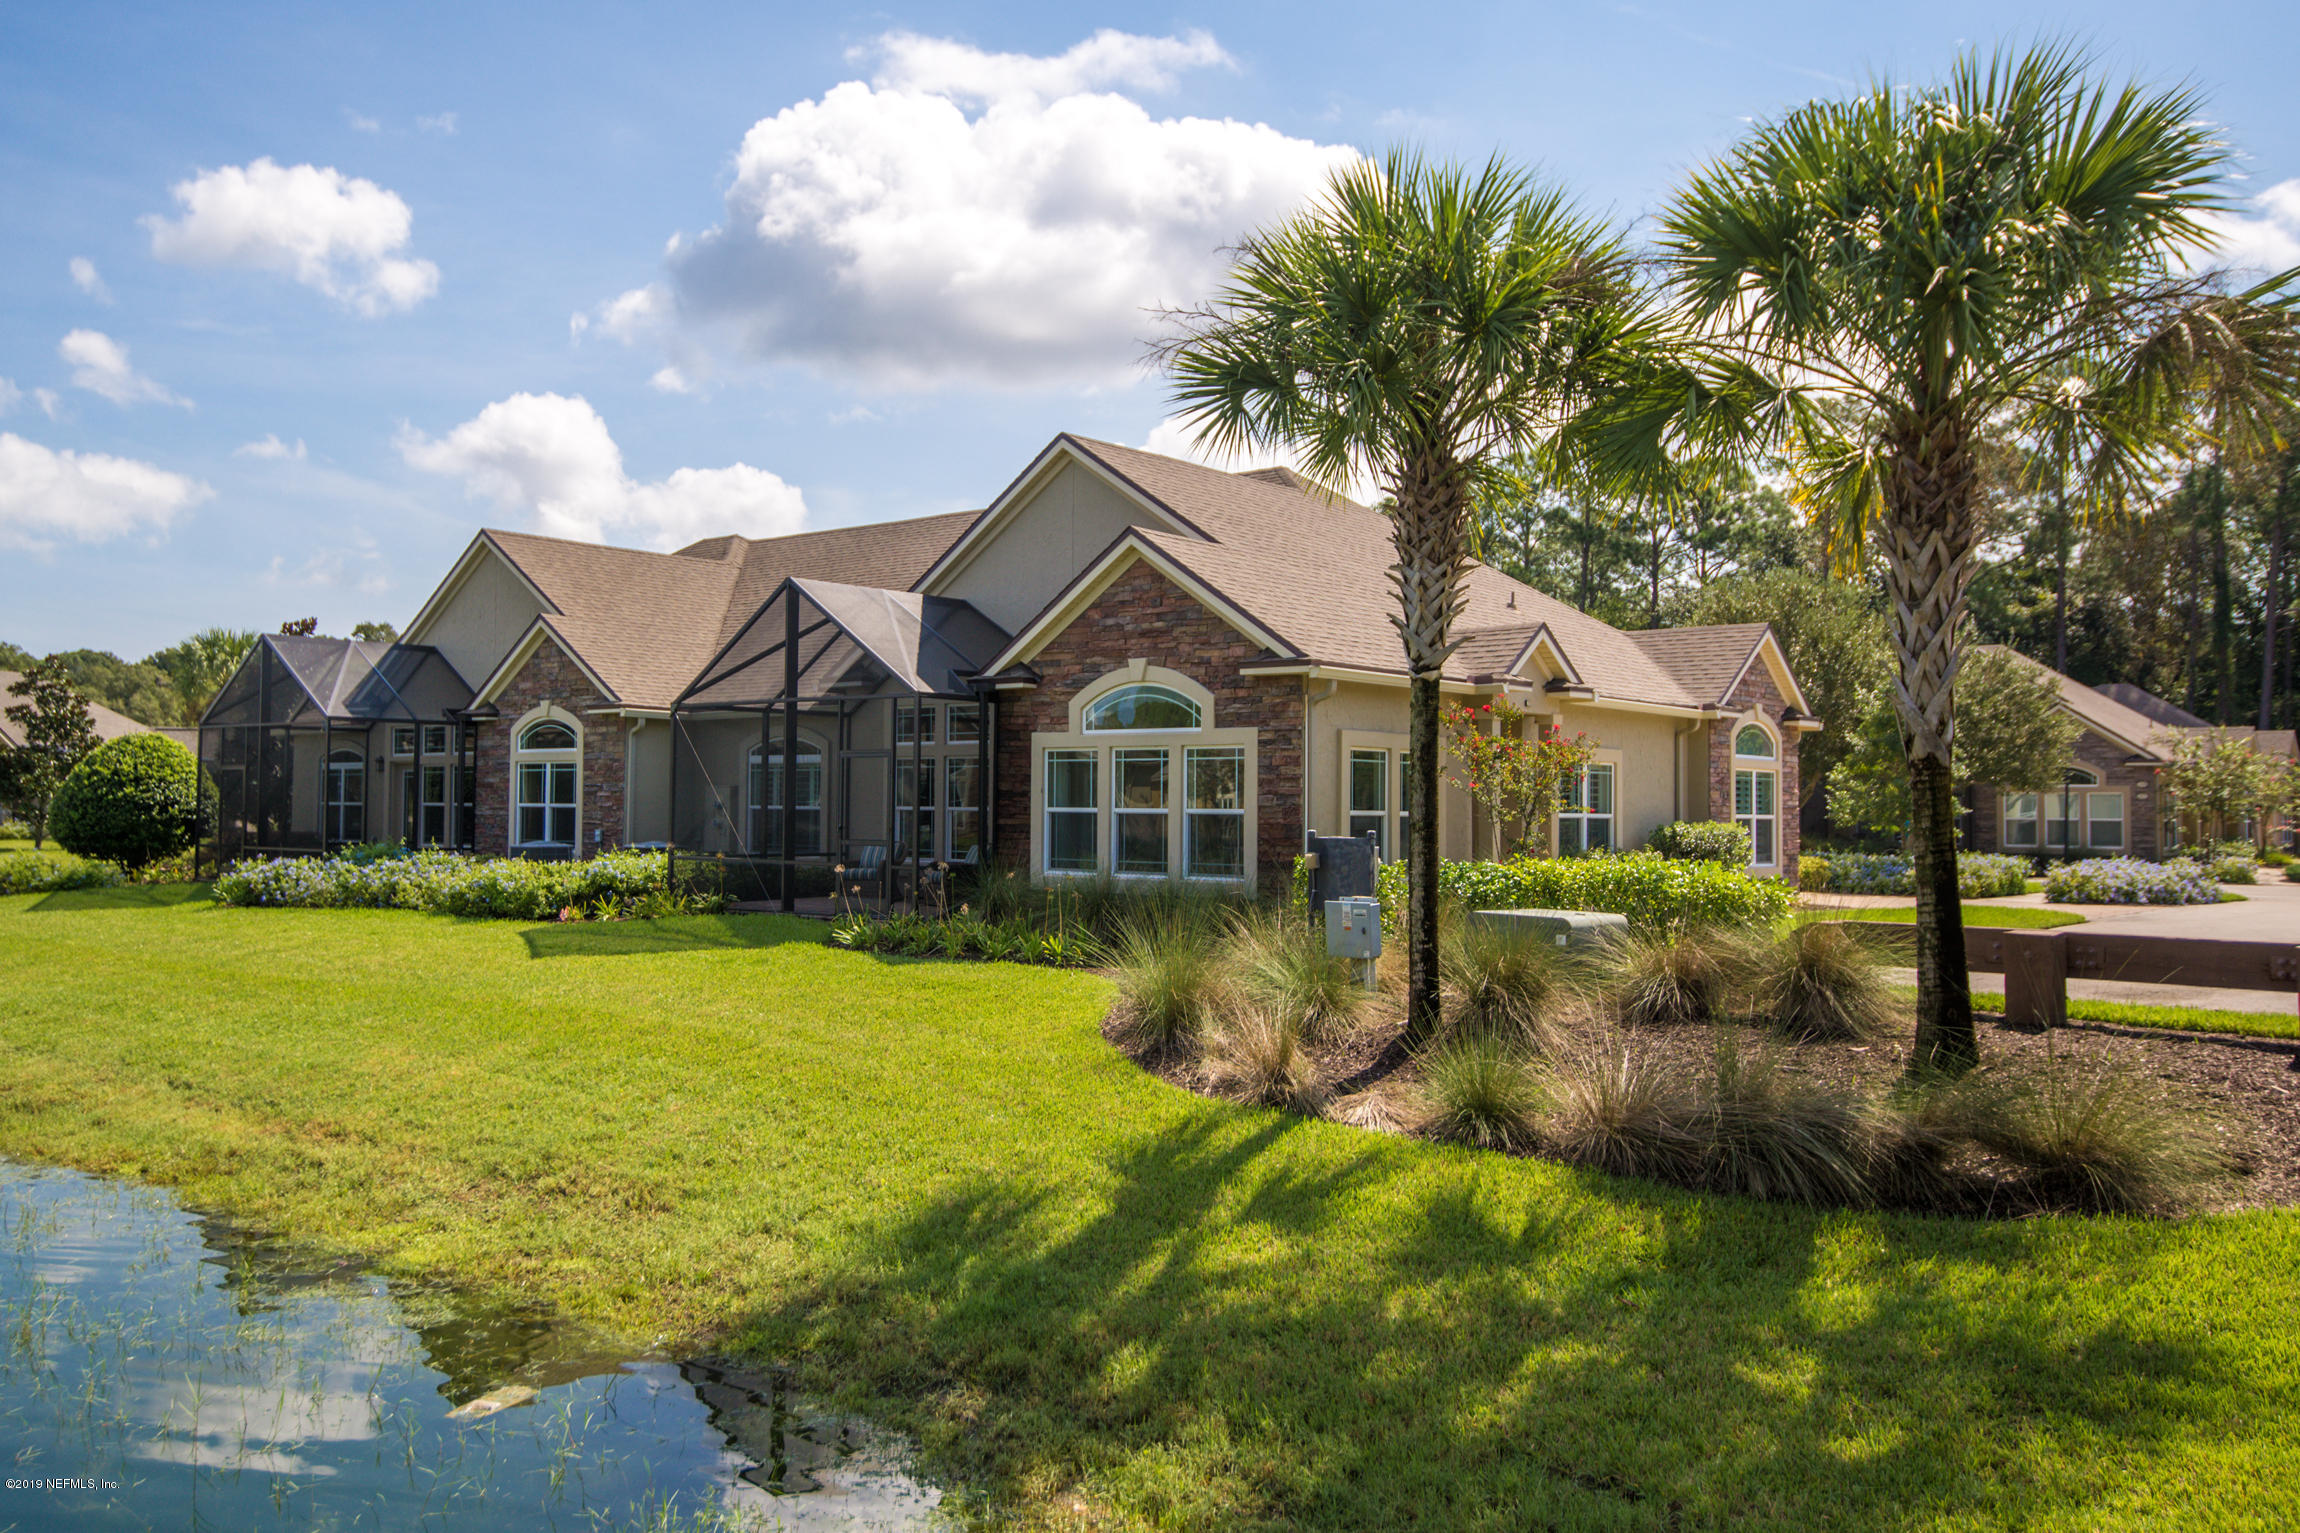 64 CALUSA, ST AUGUSTINE, FLORIDA 32084, 2 Bedrooms Bedrooms, ,2 BathroomsBathrooms,Condo,For sale,CALUSA,982077